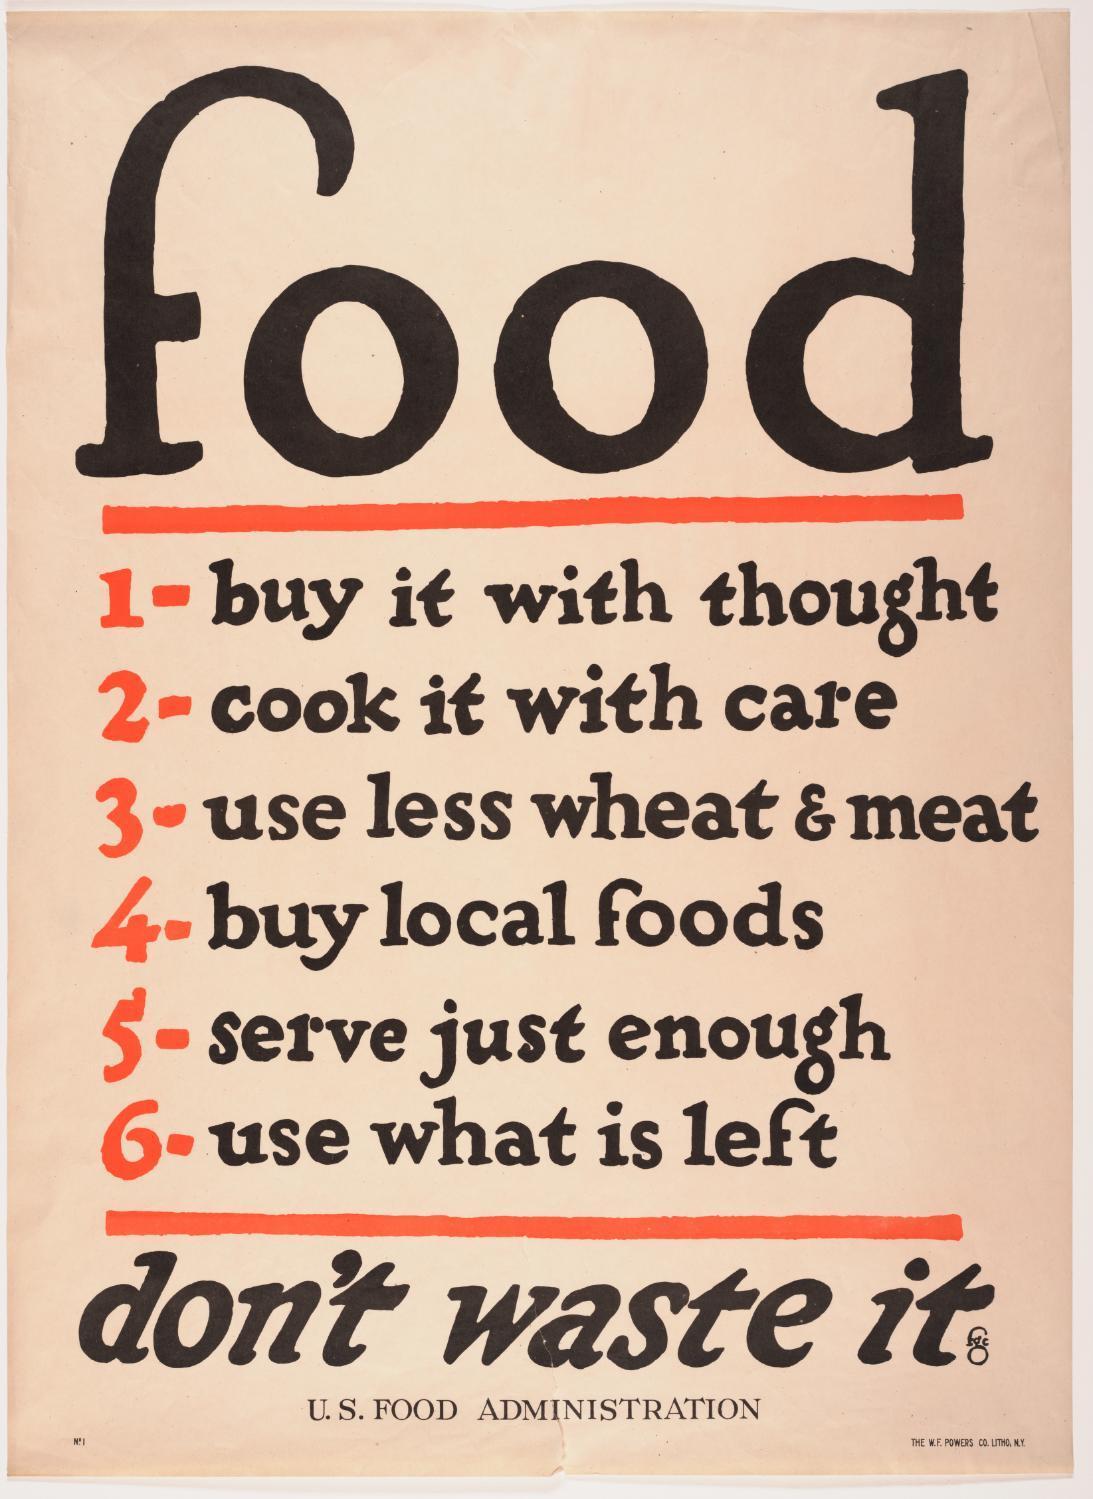 fooddontwasteit